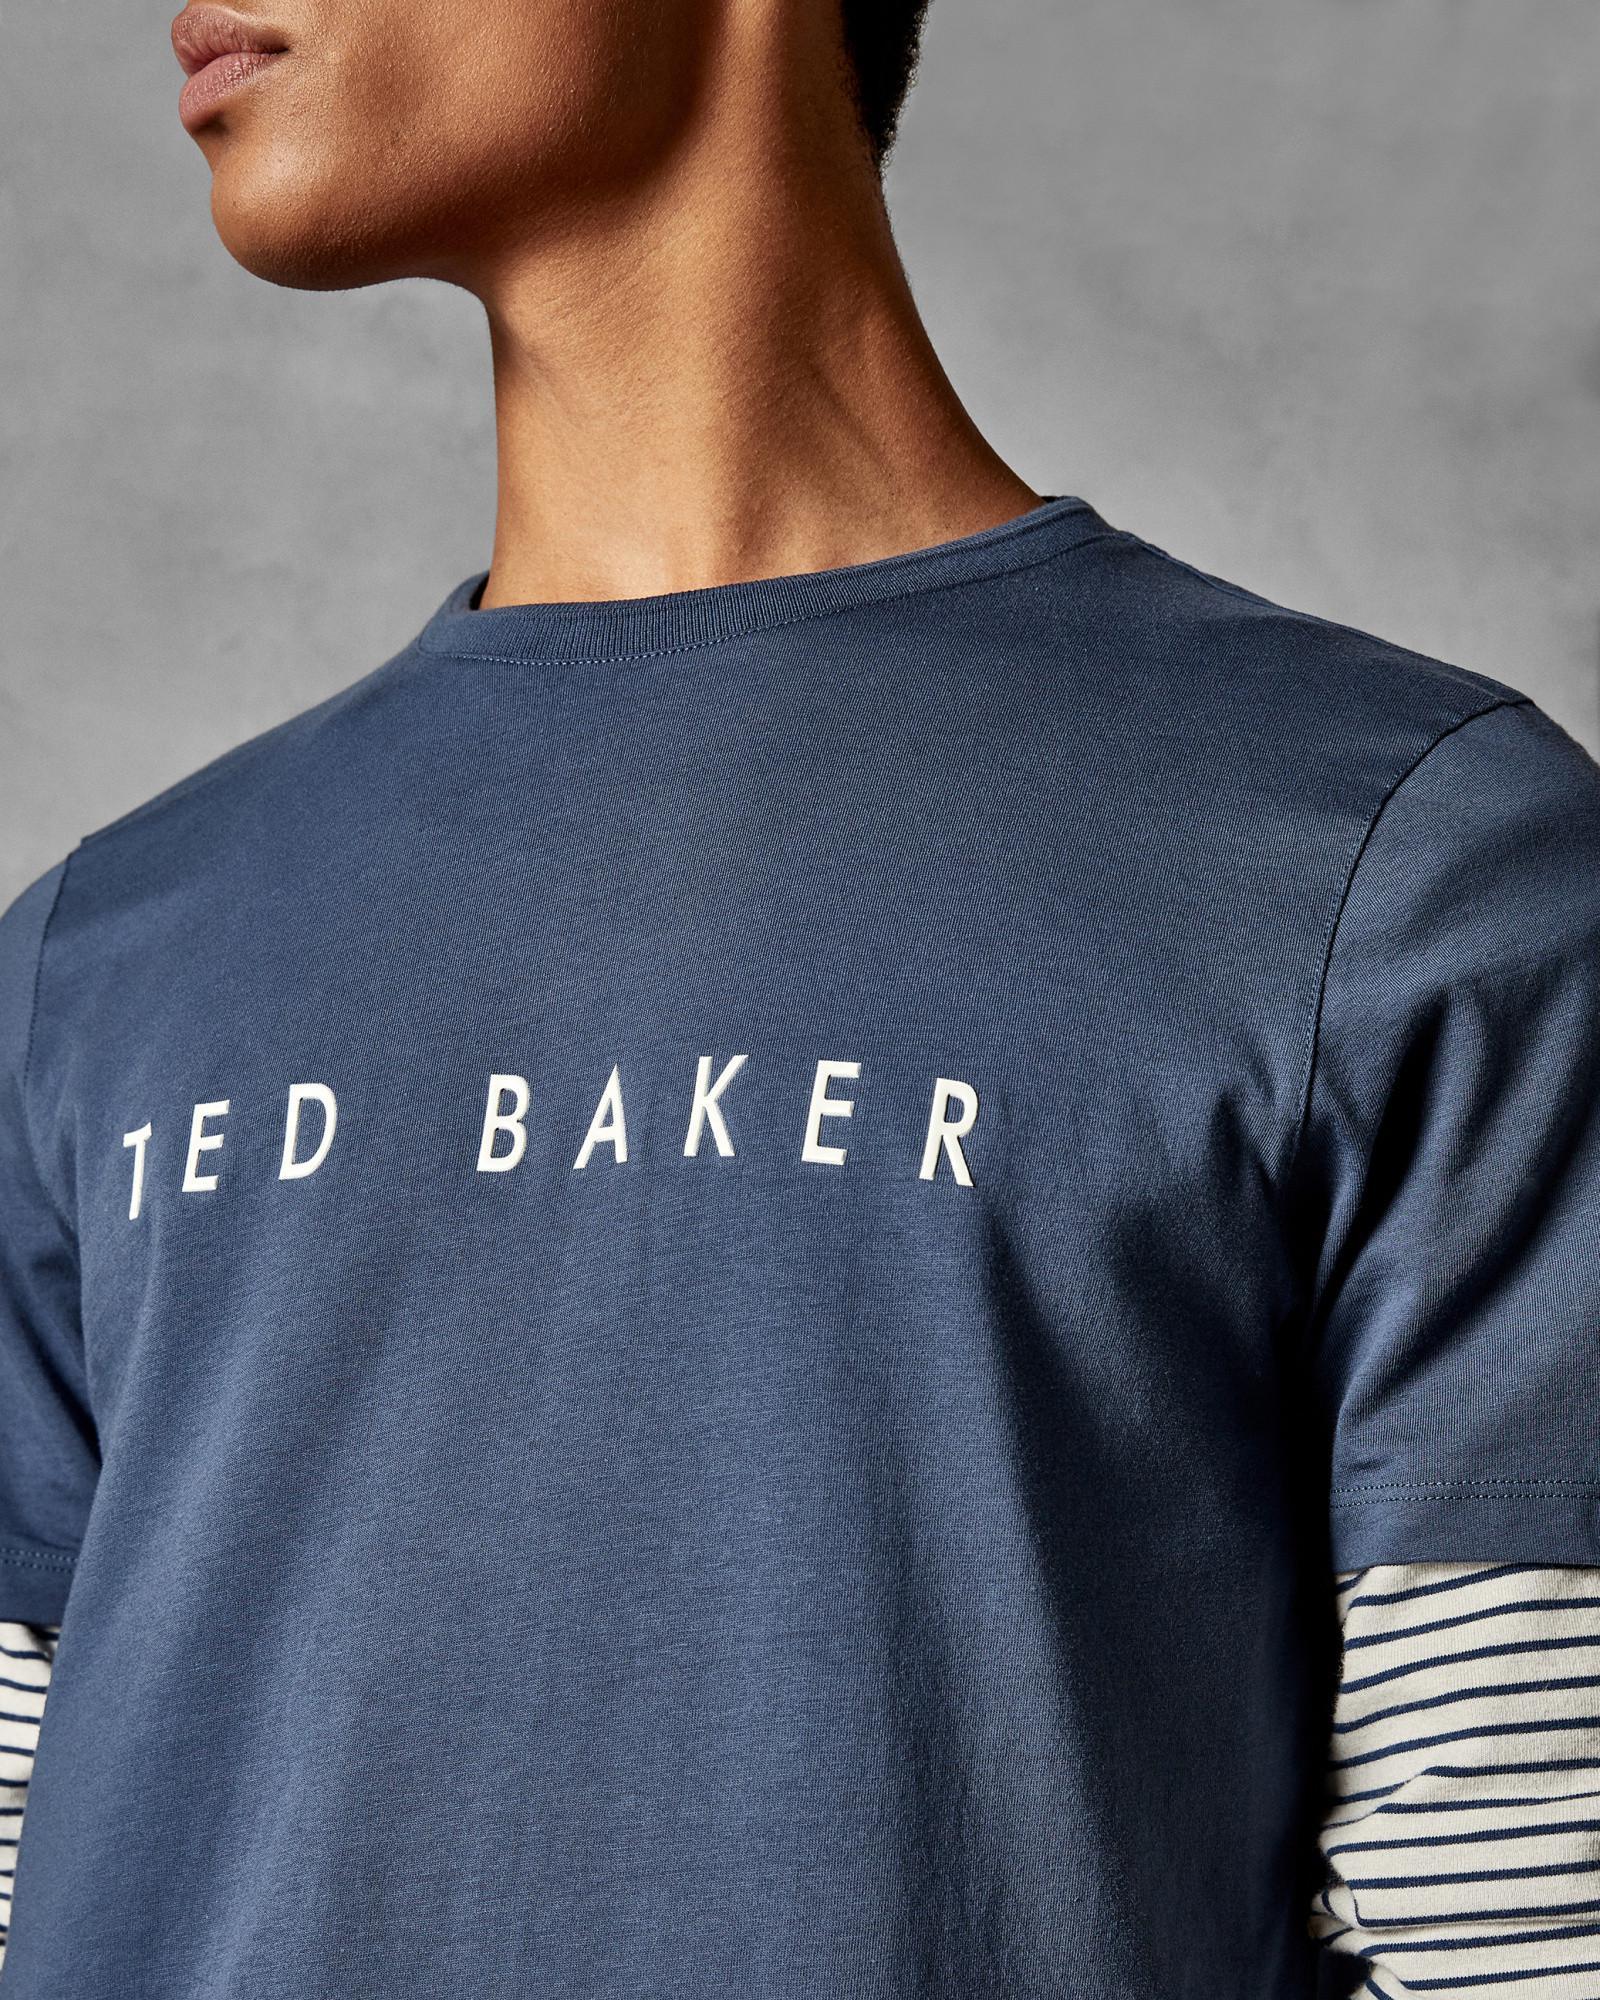 080f0df6 Ted Baker - Blue Branded Cotton T-shirt for Men - Lyst. View fullscreen